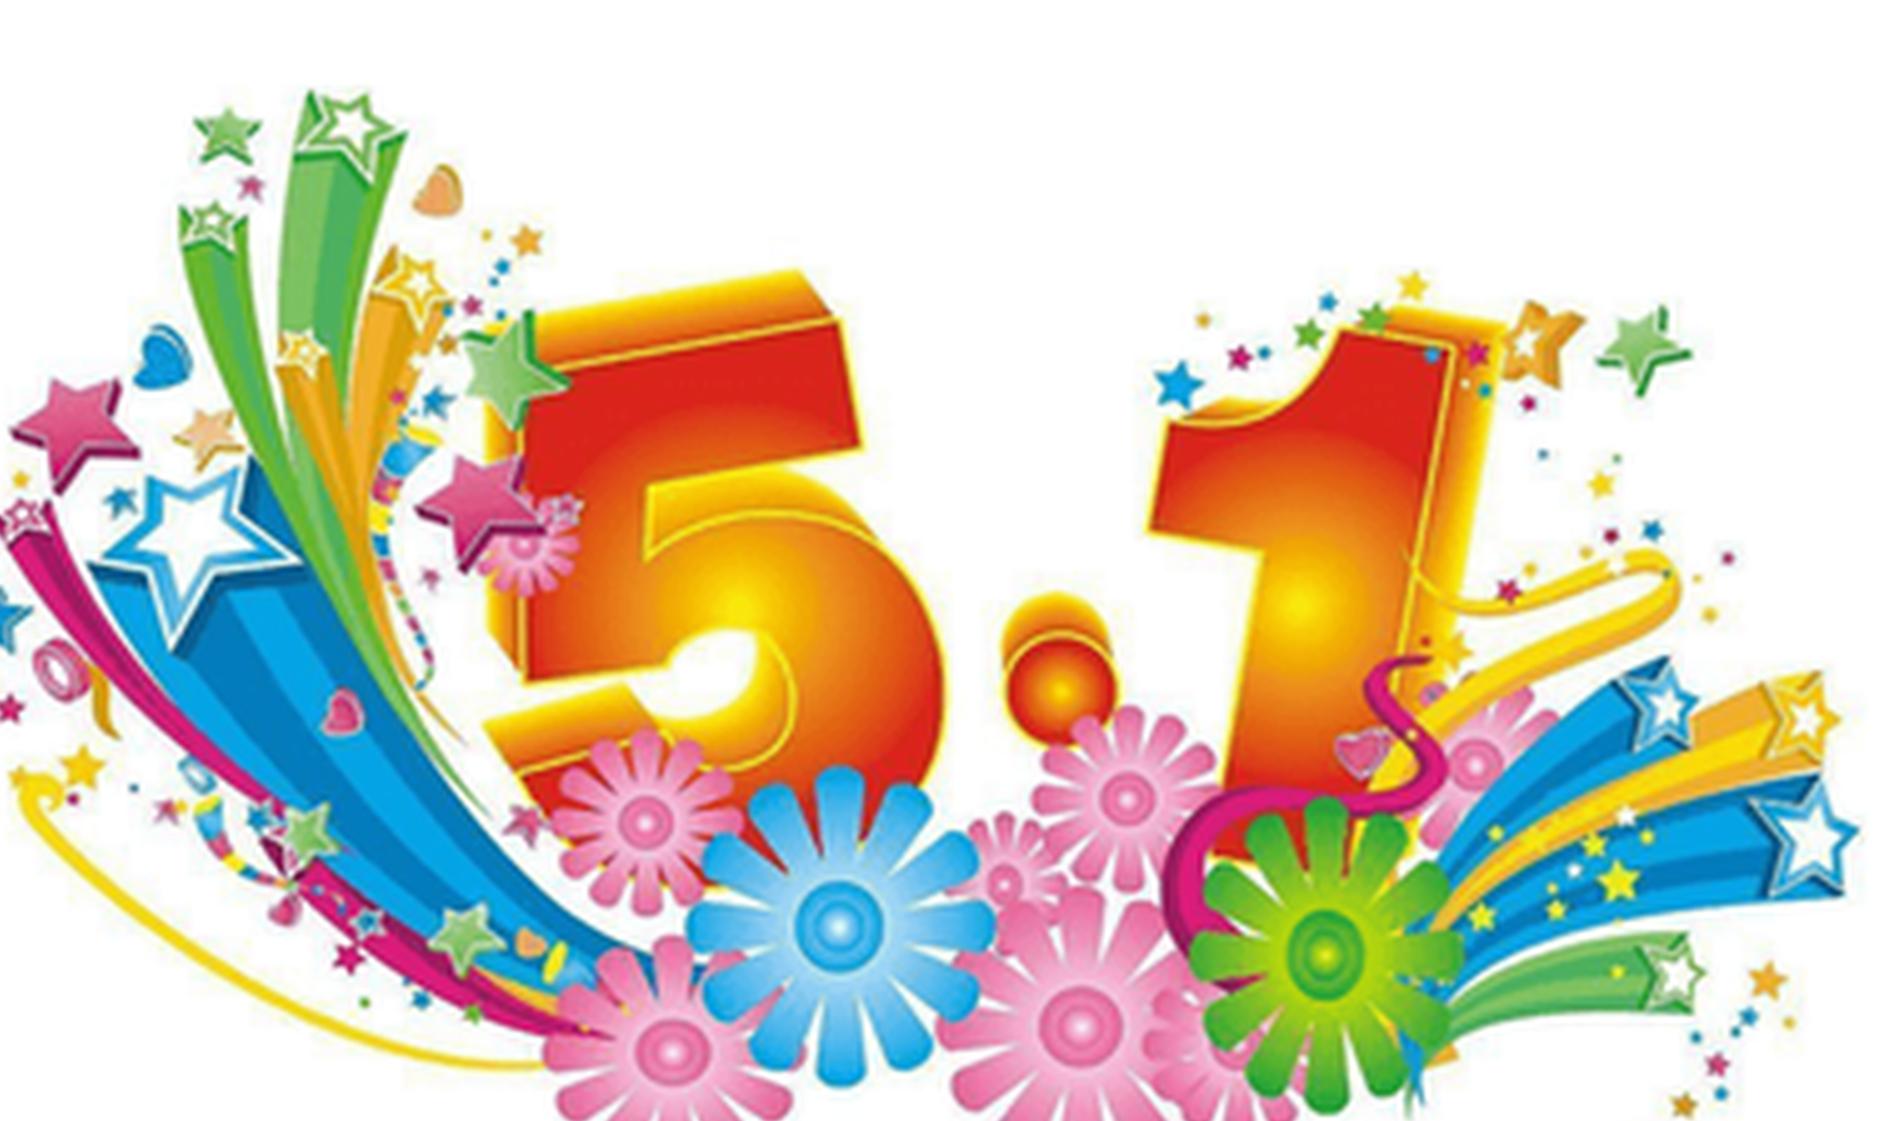 迎五一假期 创优质服务 庆建党百年